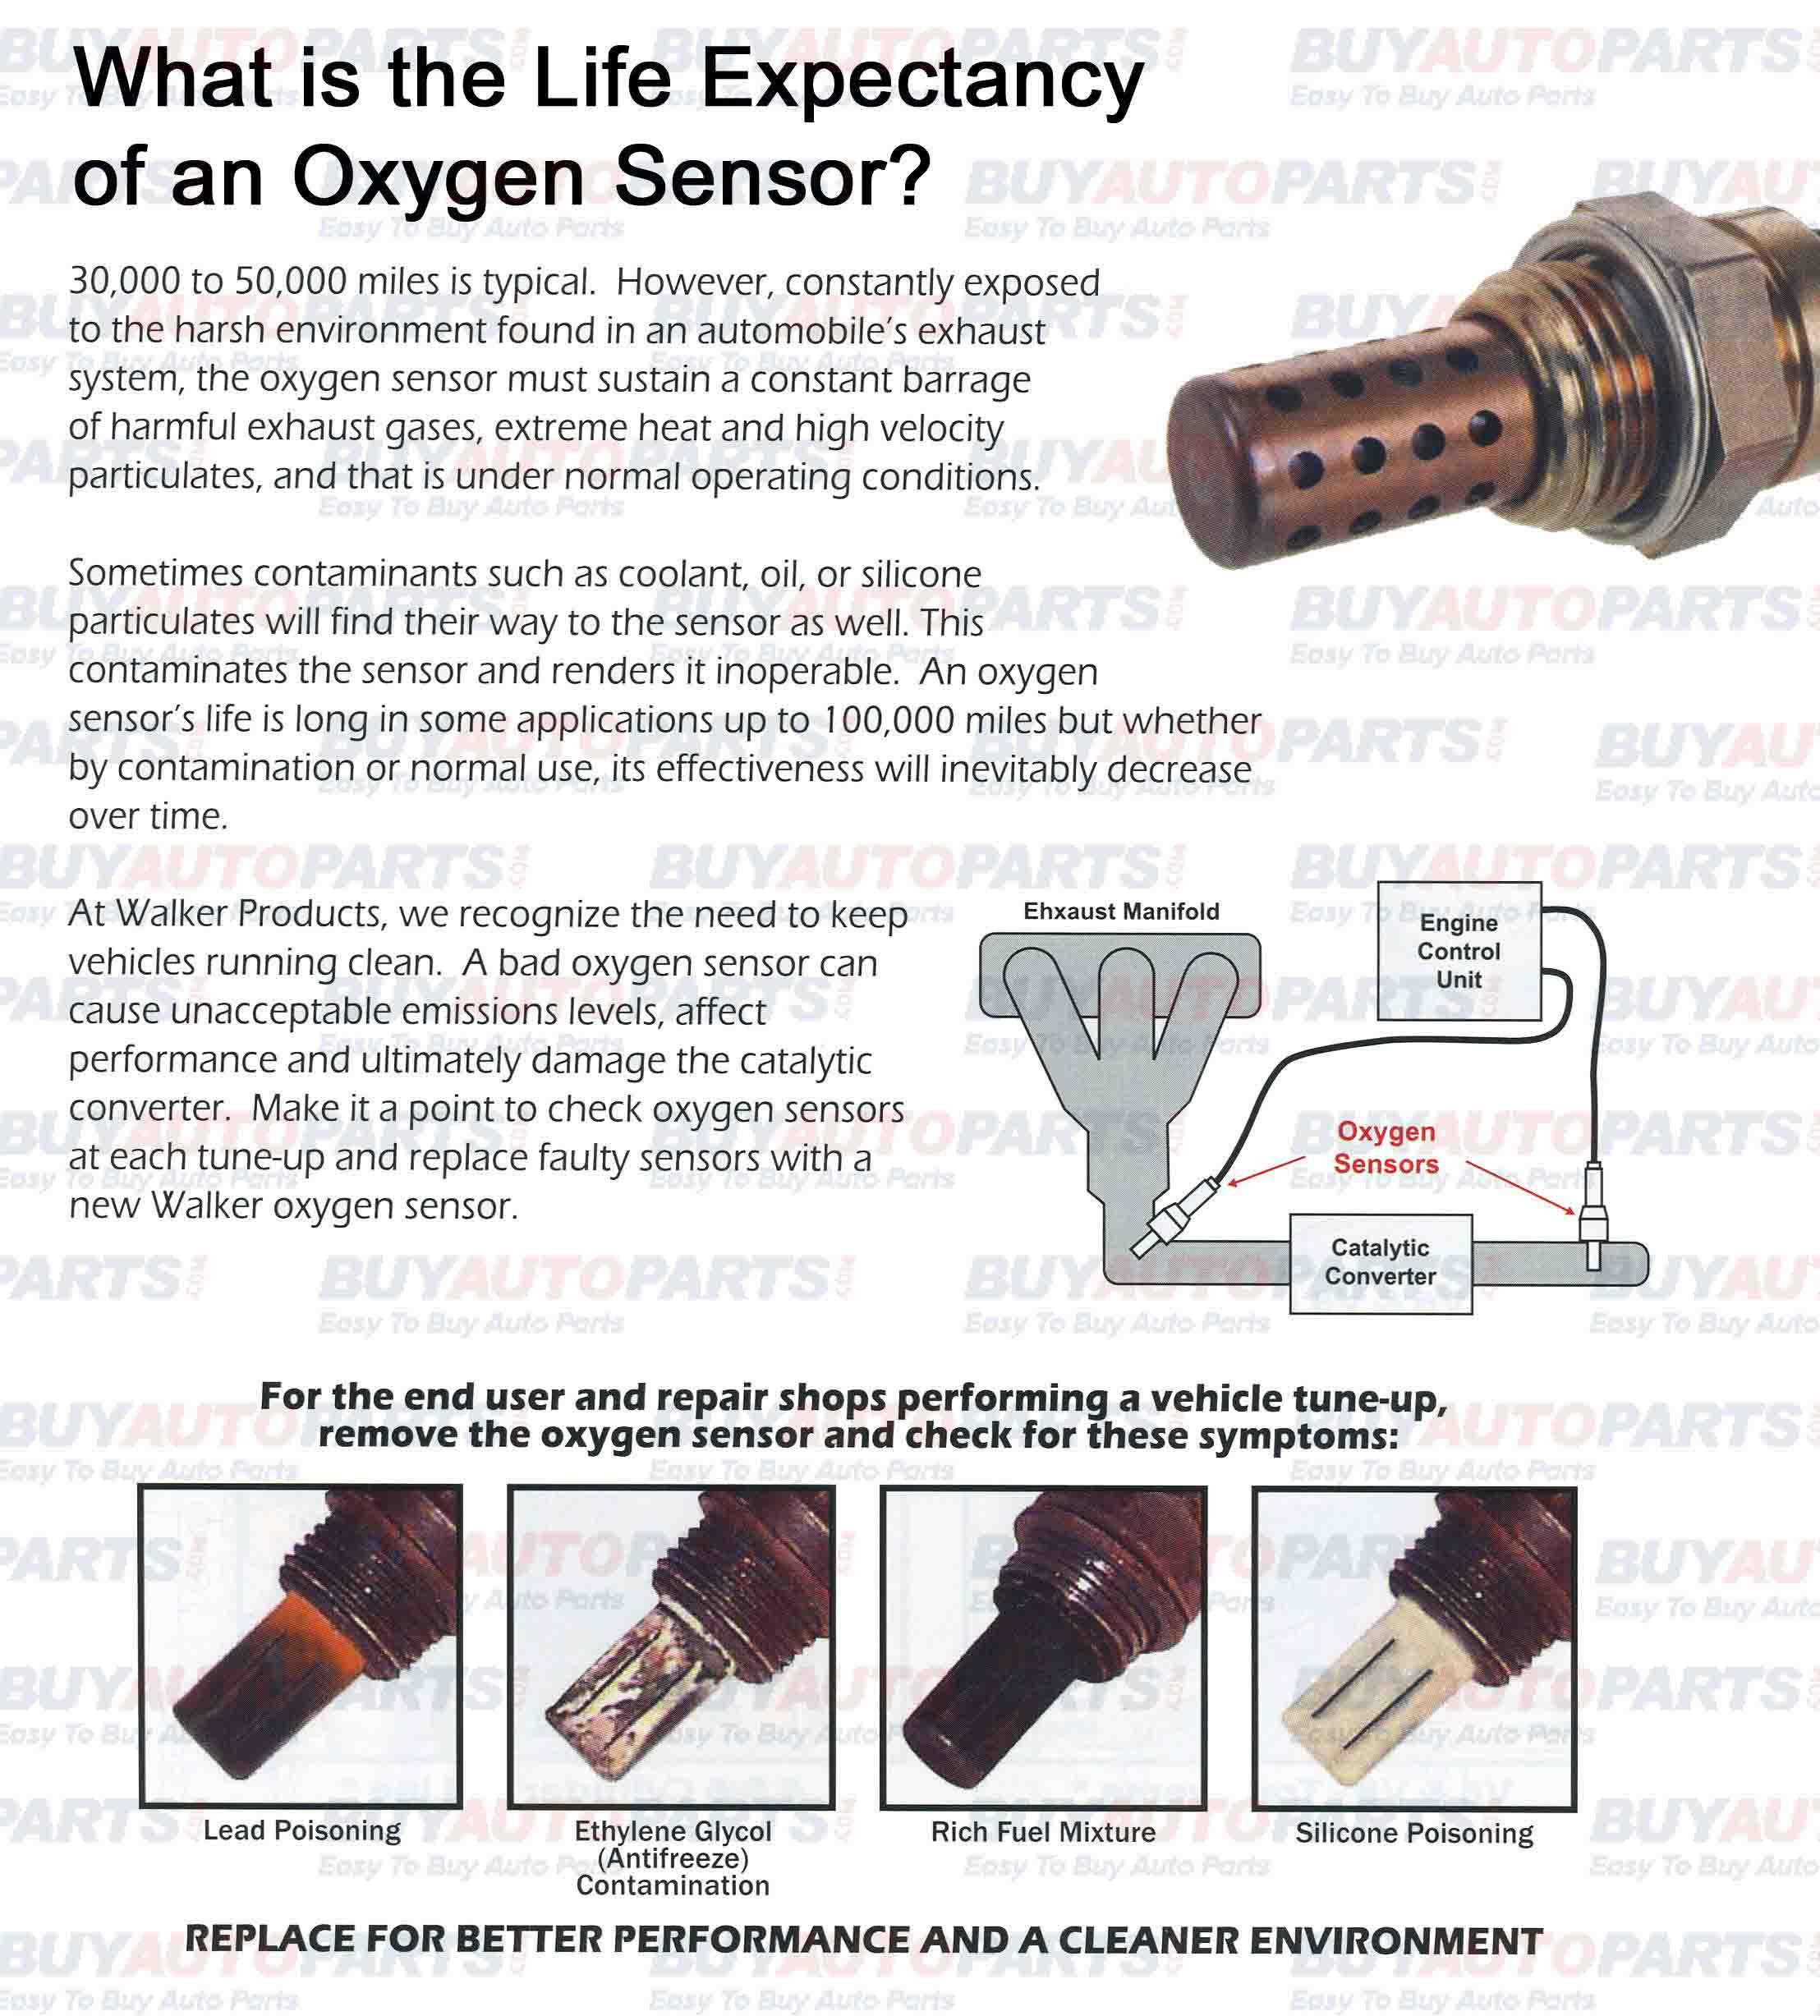 Oxygen Sensor Life Expectancy